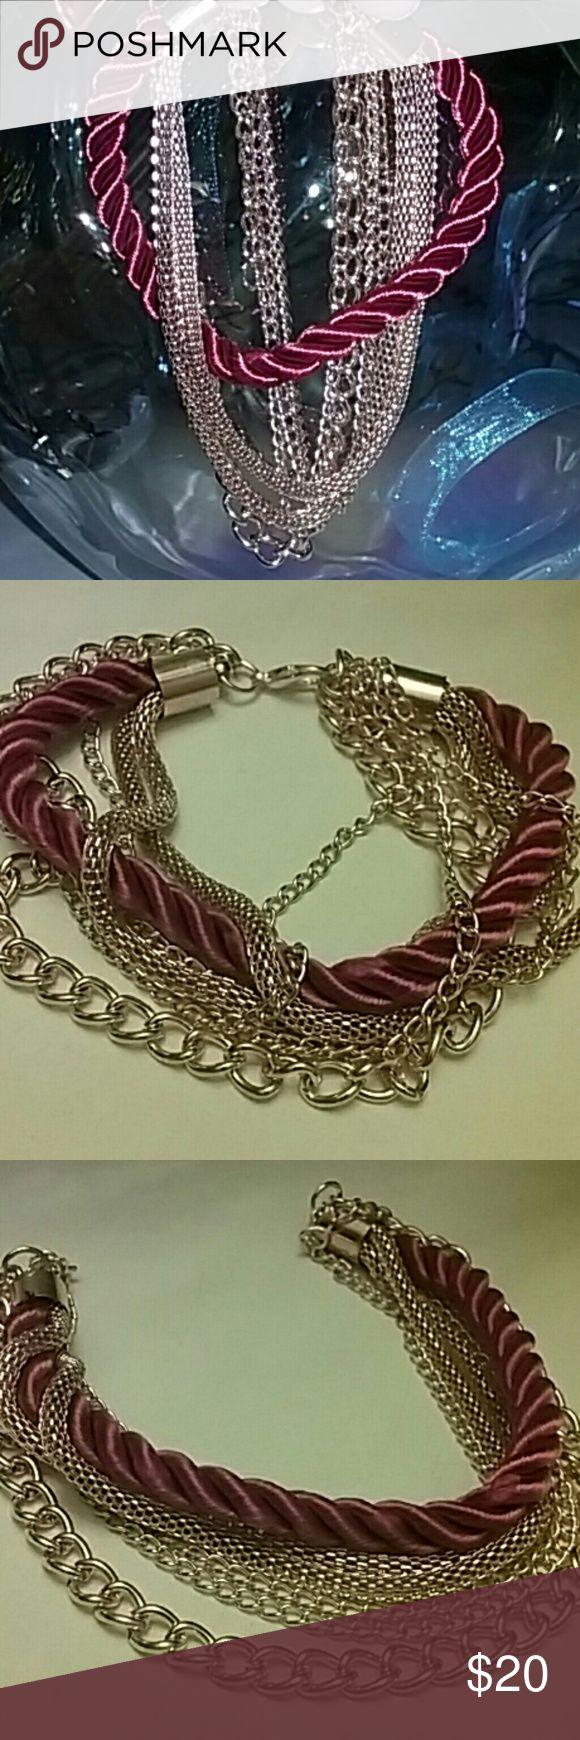 Red Velvet Rope & Gold Chain Bracelet Multiple Layered Chain Bracelet  Red & Gold Jewelry Bracelets